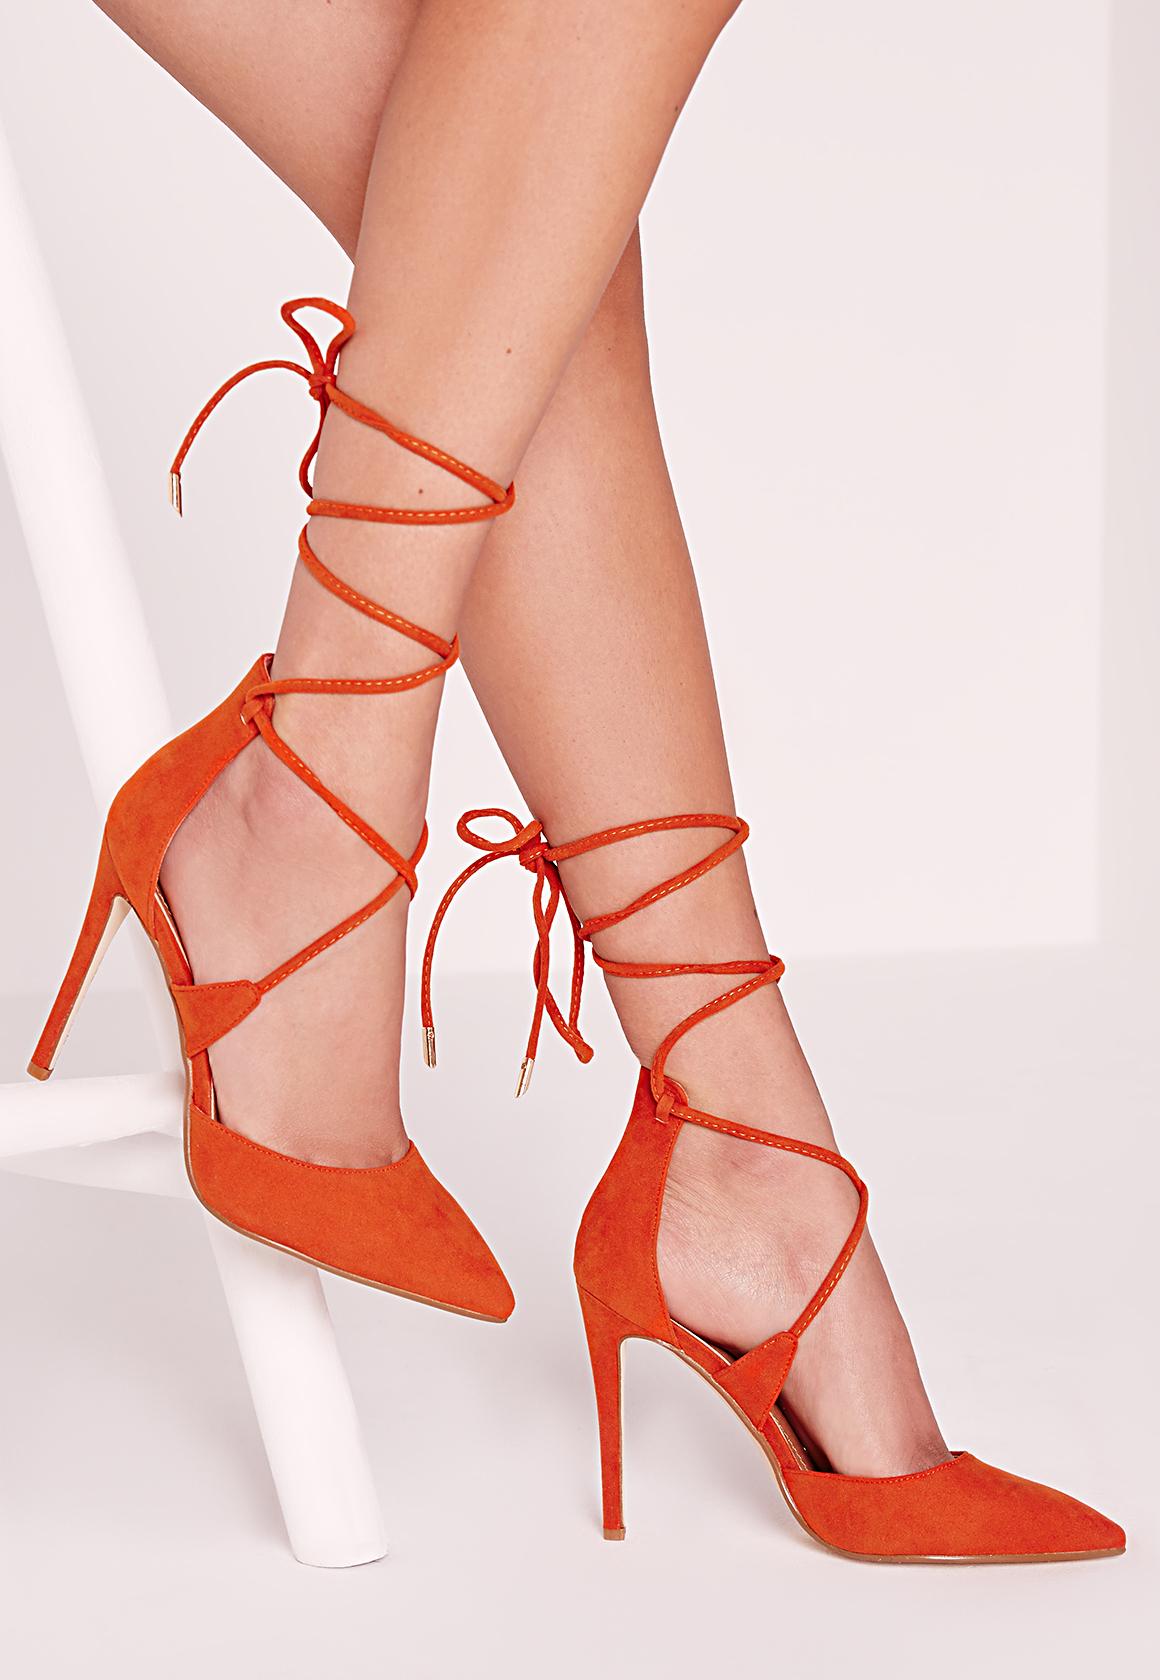 76e2b7e6d0d Lyst - Missguided Lace Up Court Shoes Orange in Orange